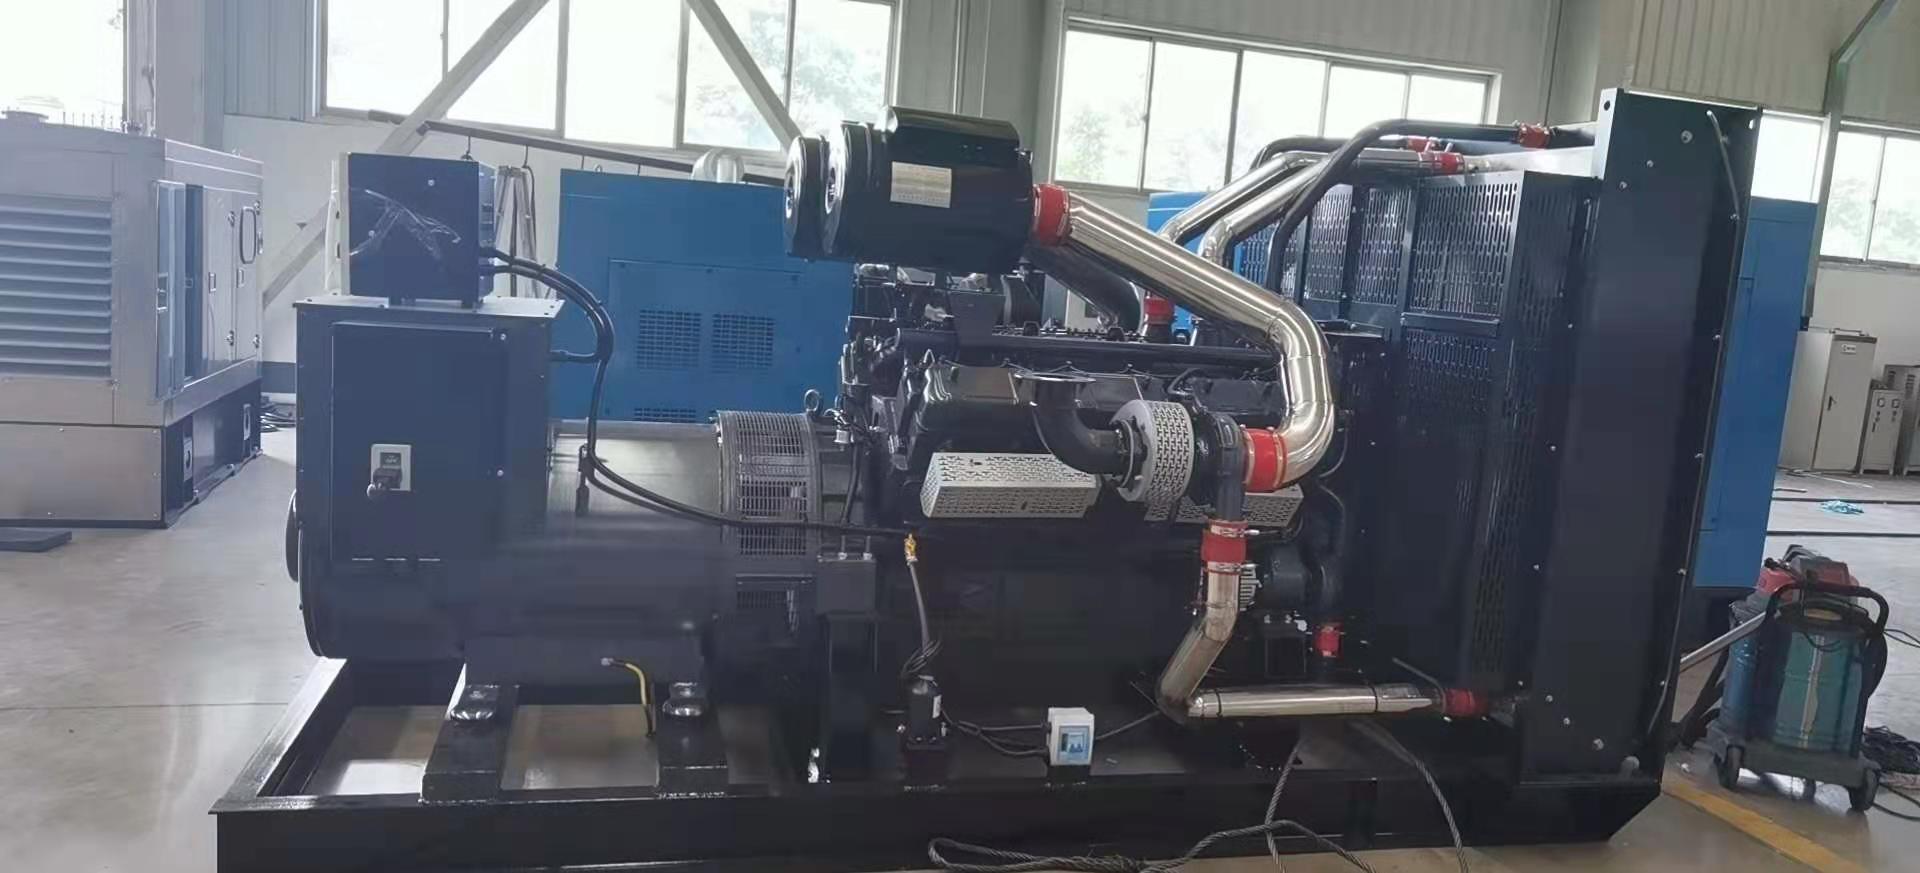 2台柴油发电机组调试结束,随时出货!